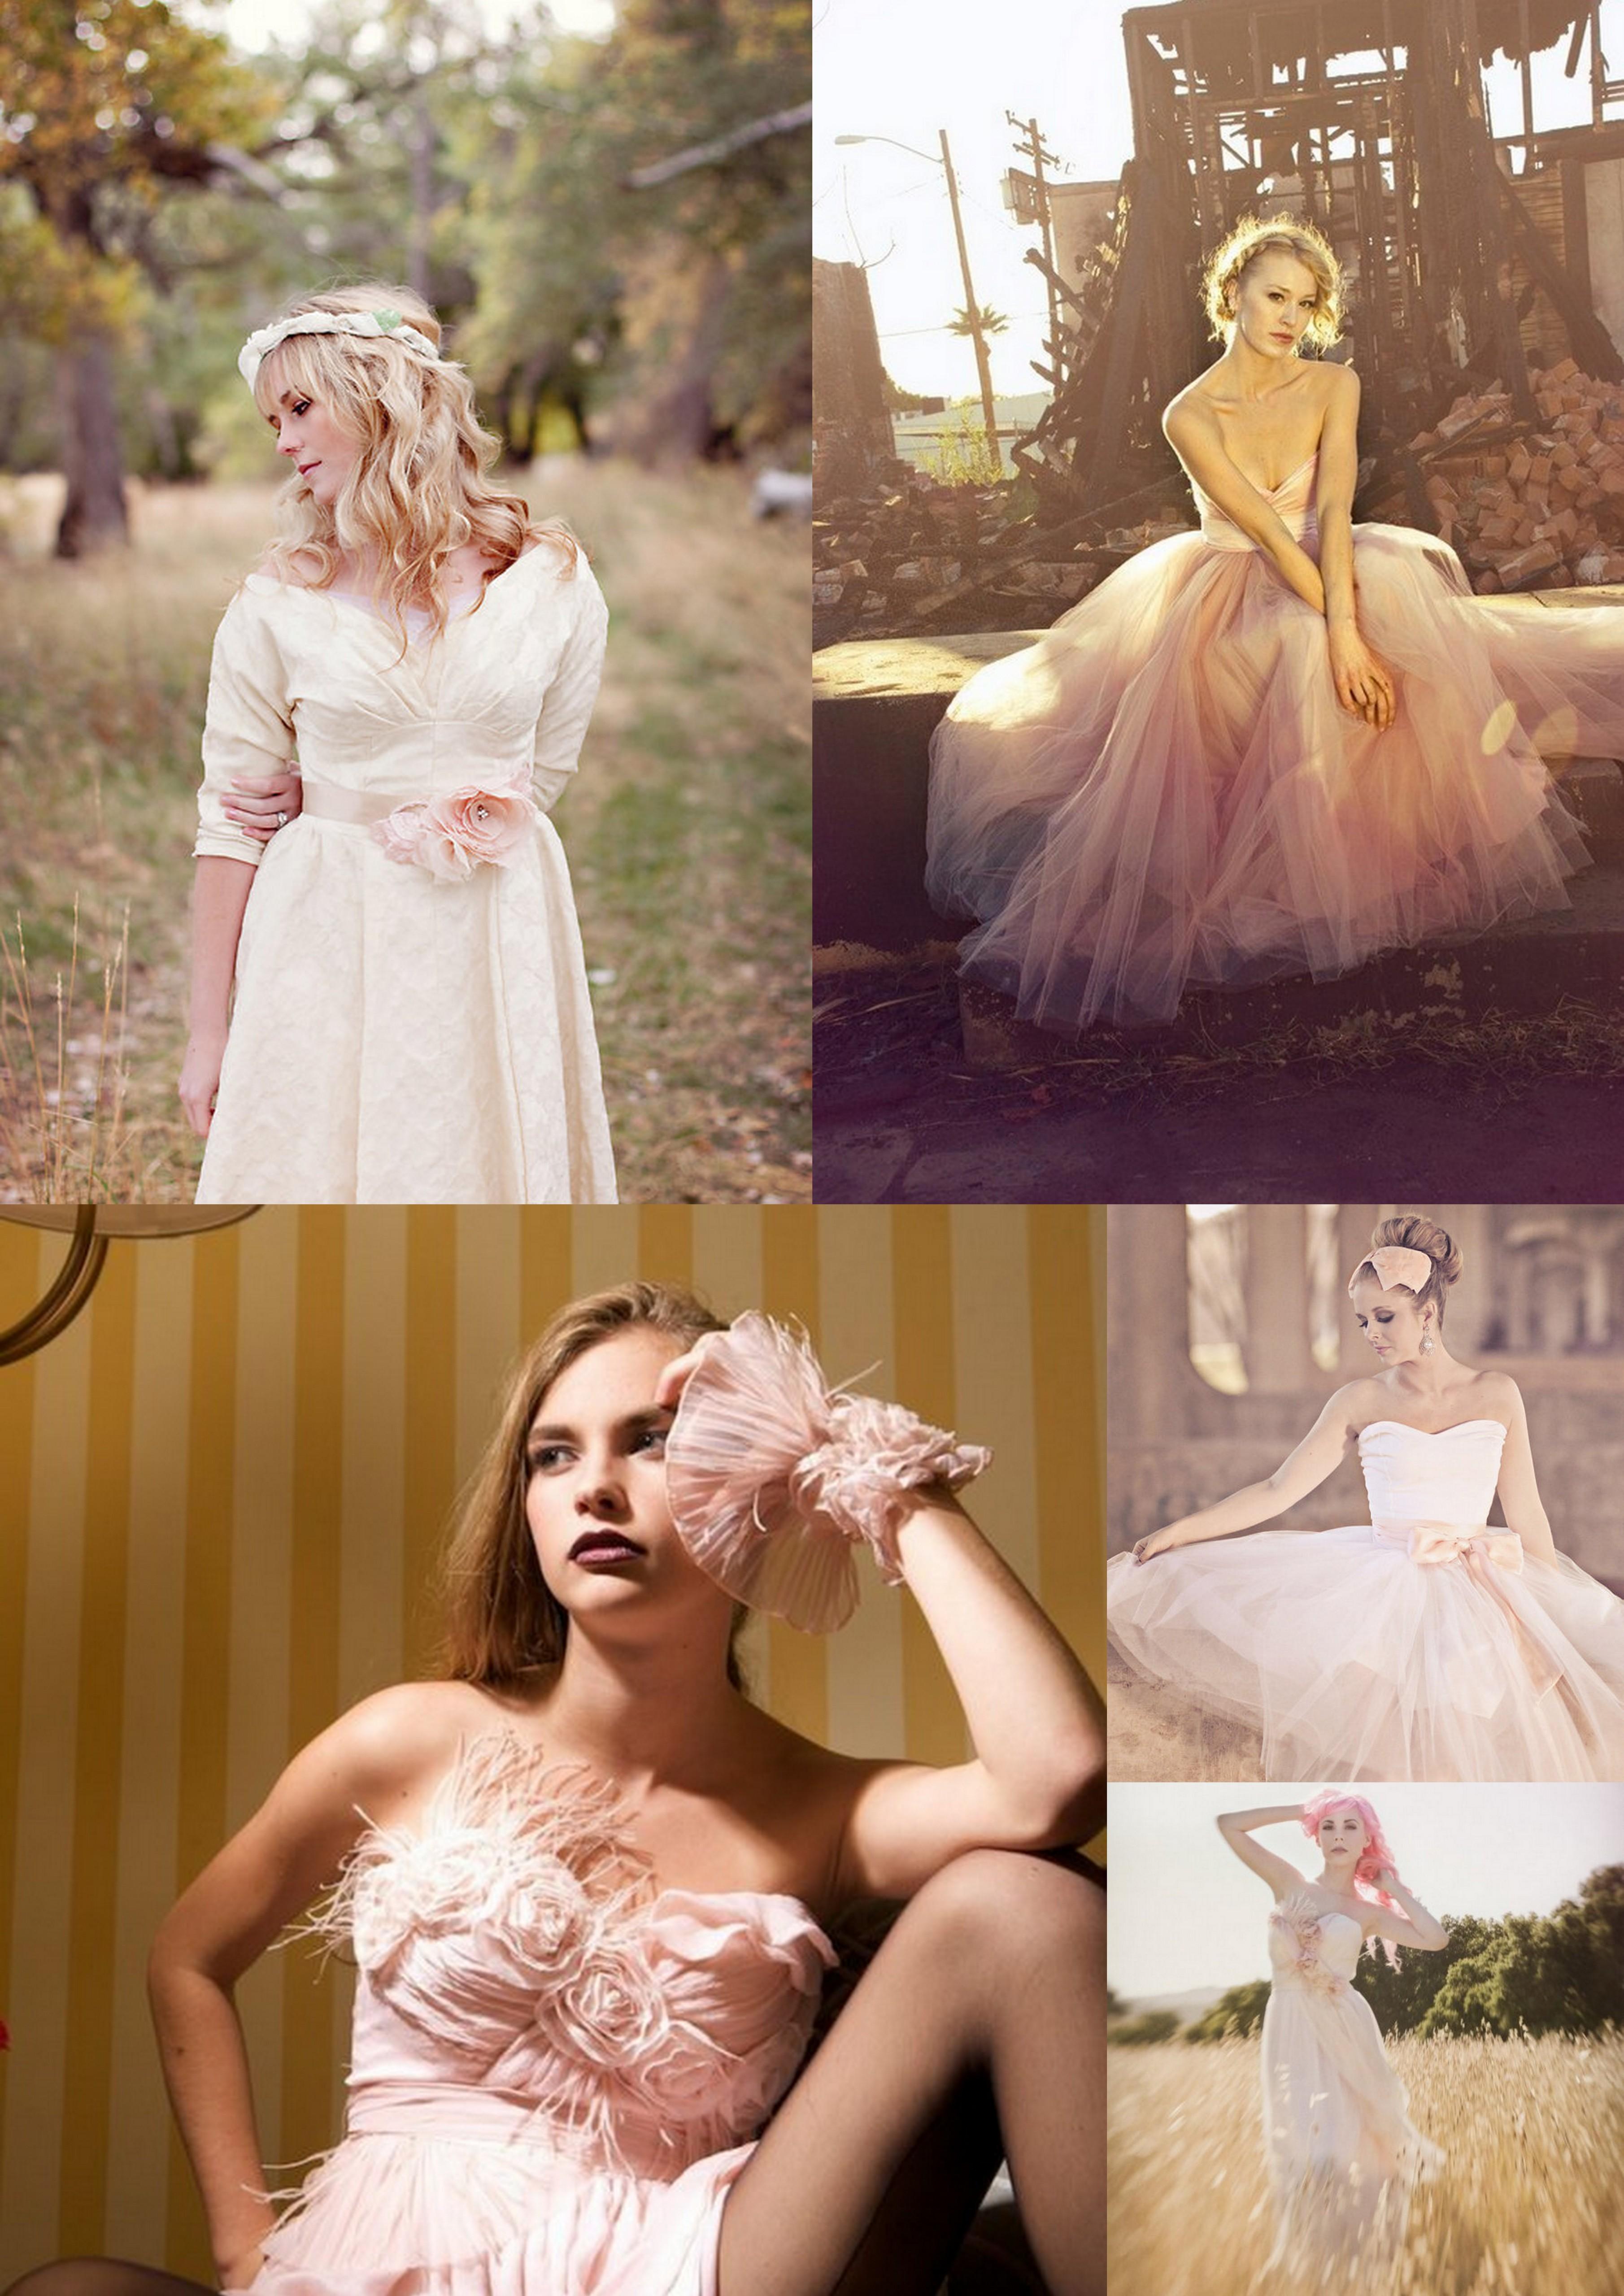 Blush Wedding Dresses: A Wedding Mood Board